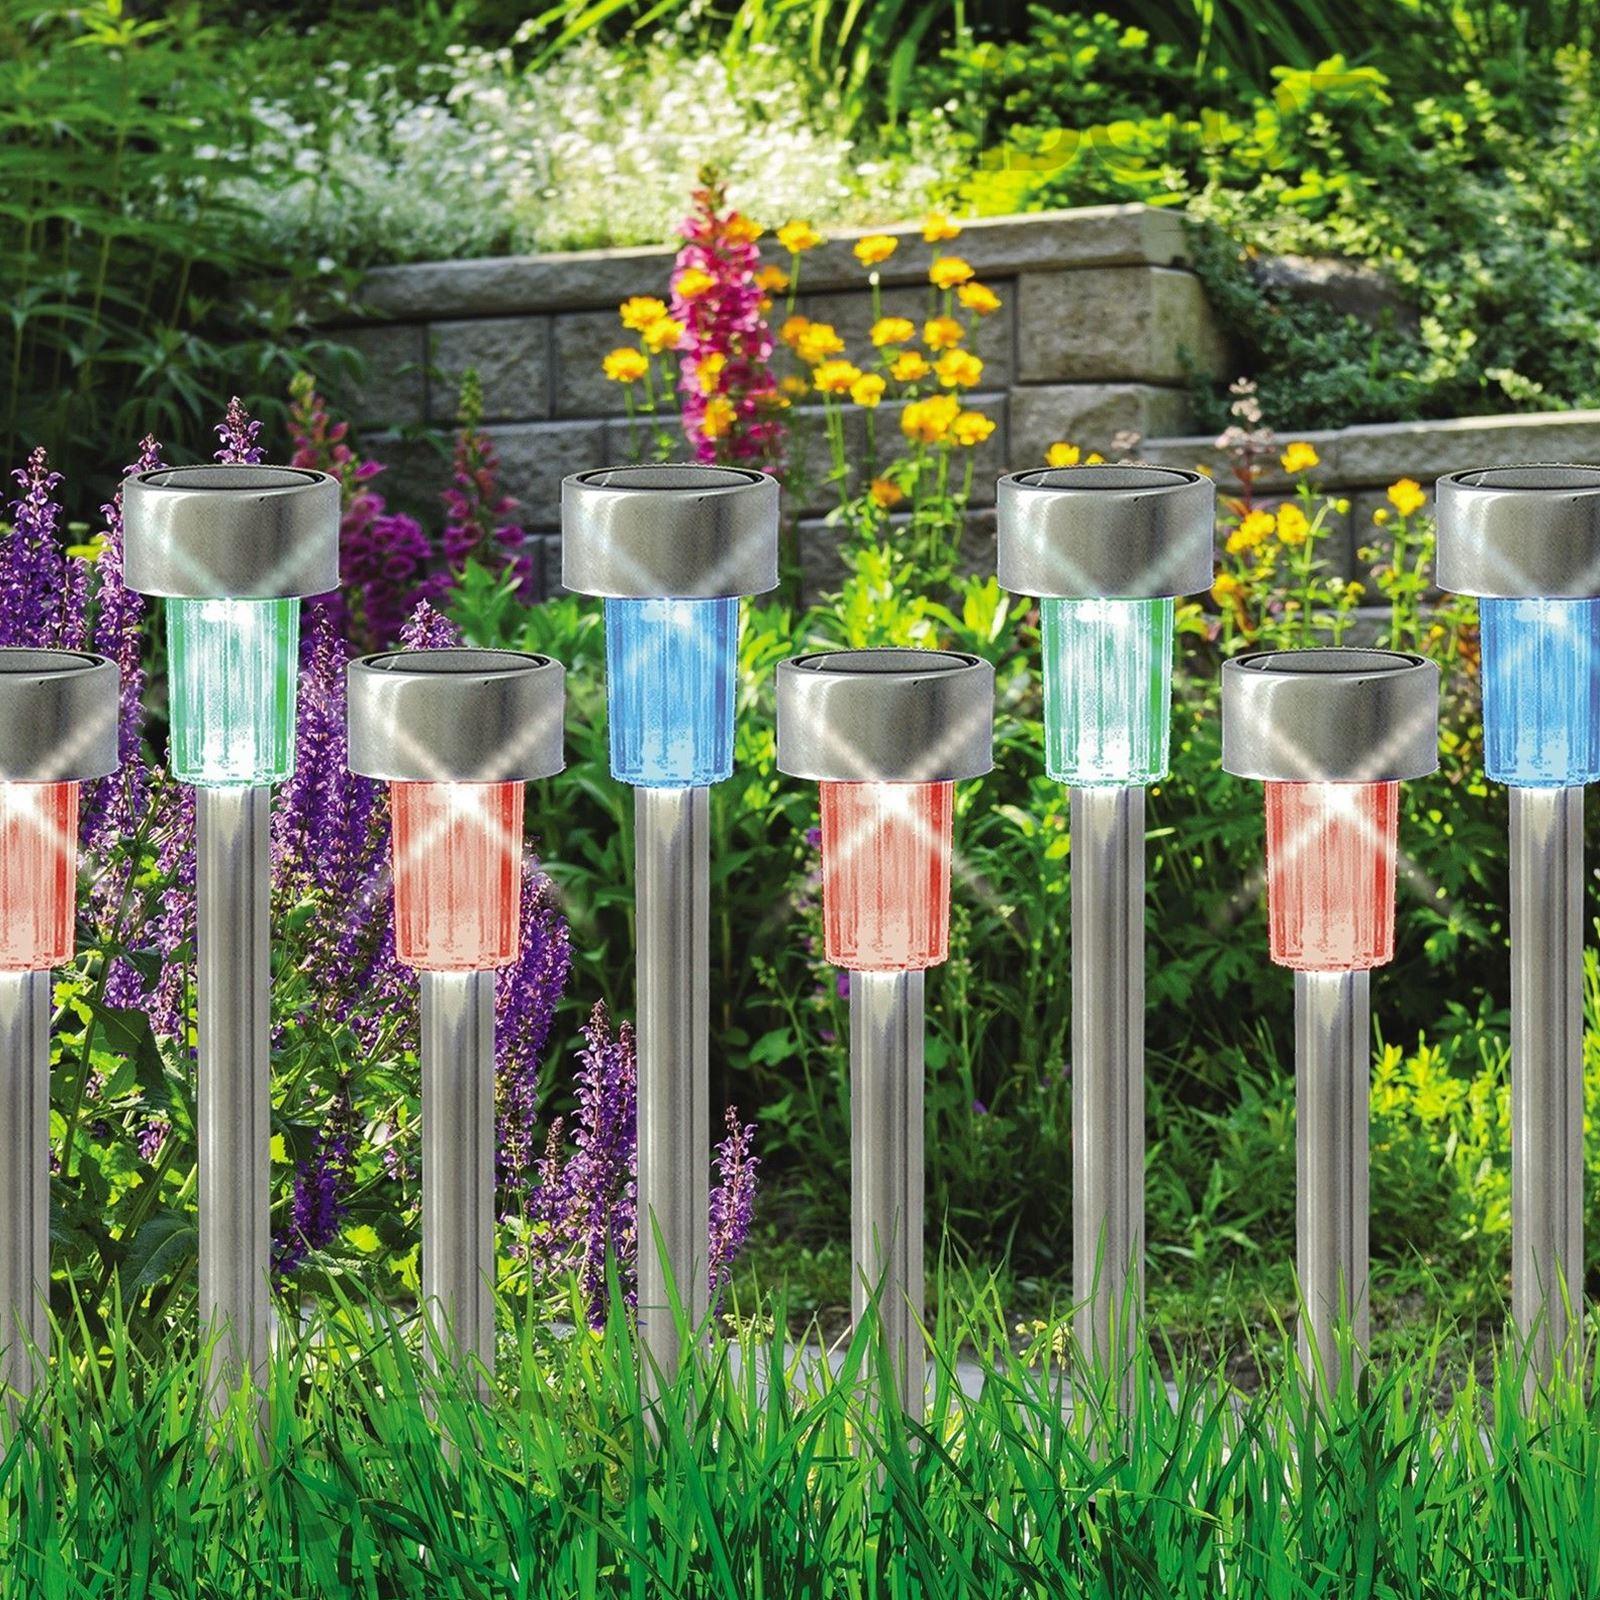 ASAB-10-x-a-energie-solaire-en-acier-inoxydable-jardin-poste-lumieres-DEL-eclairage-exterieur miniature 4